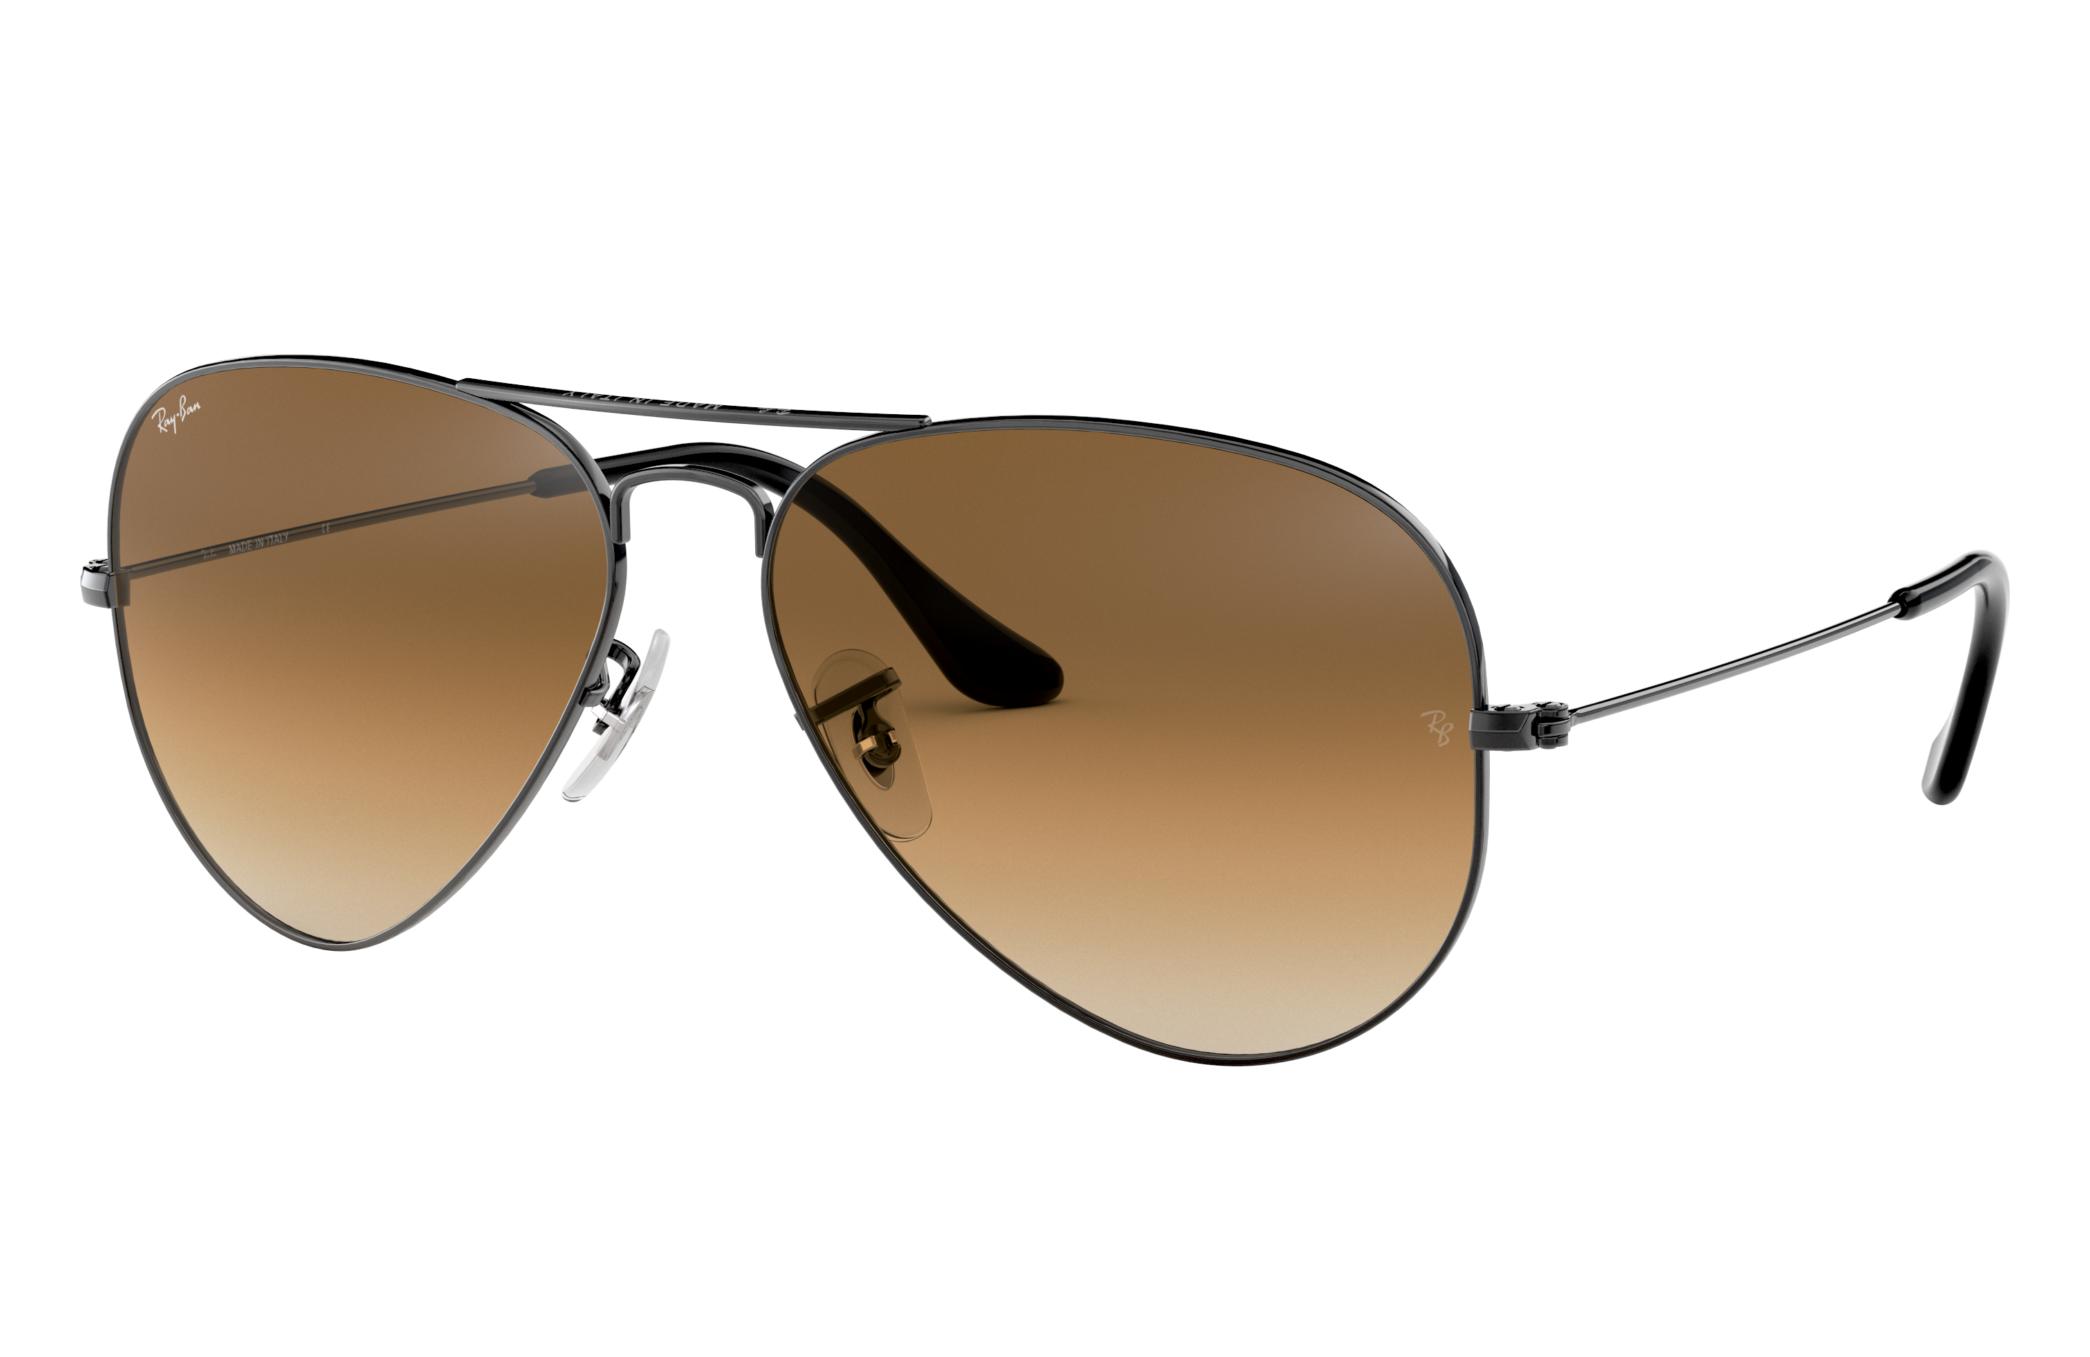 Ray-Ban Aviator Gradient Gunmetal, Brown Lenses - RB3025